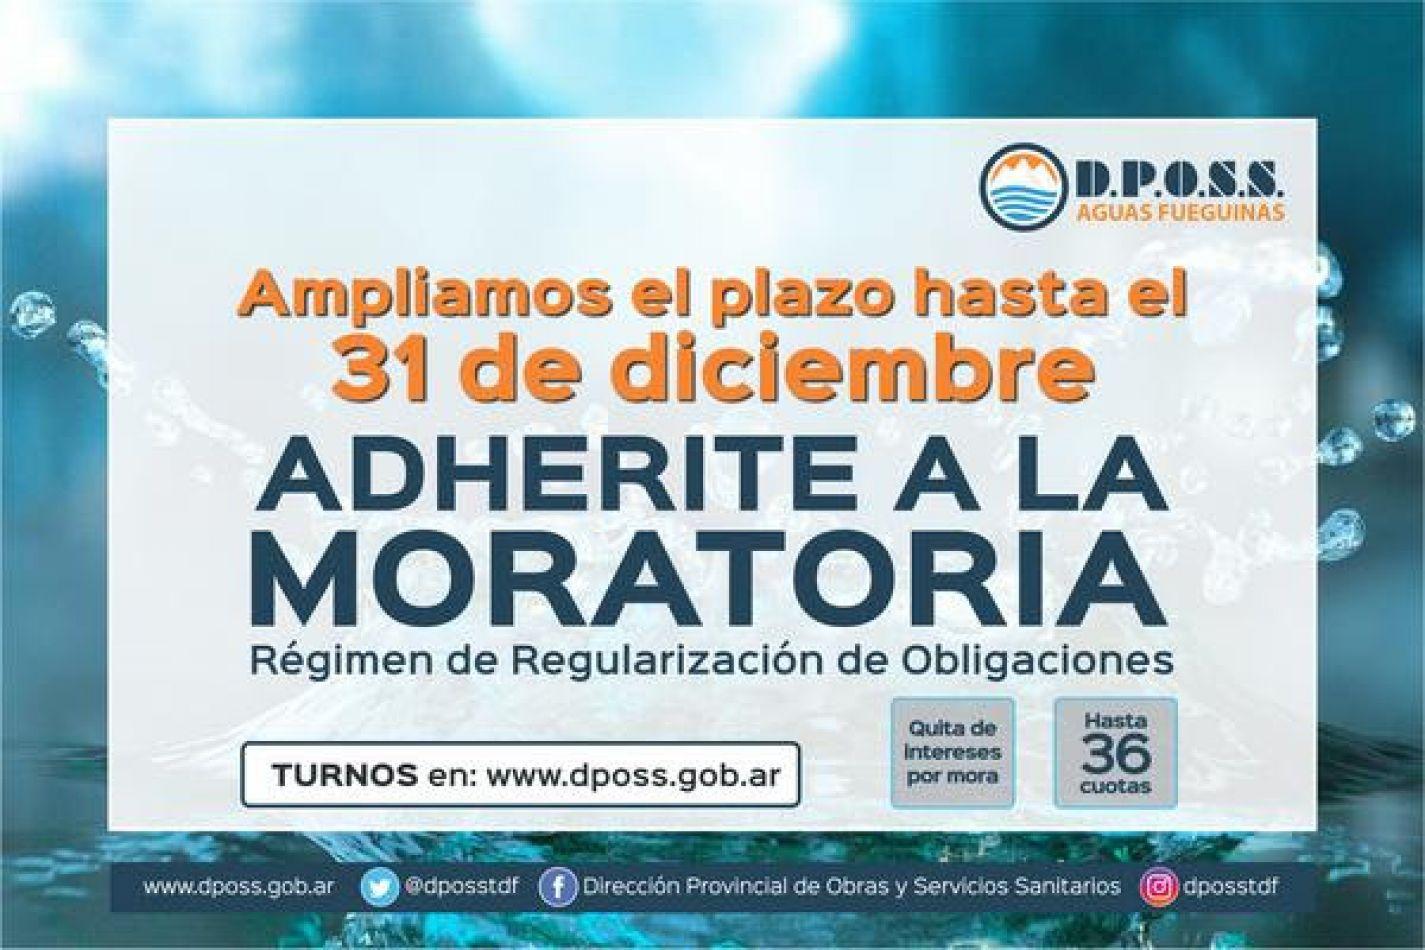 Moratoria Dposs